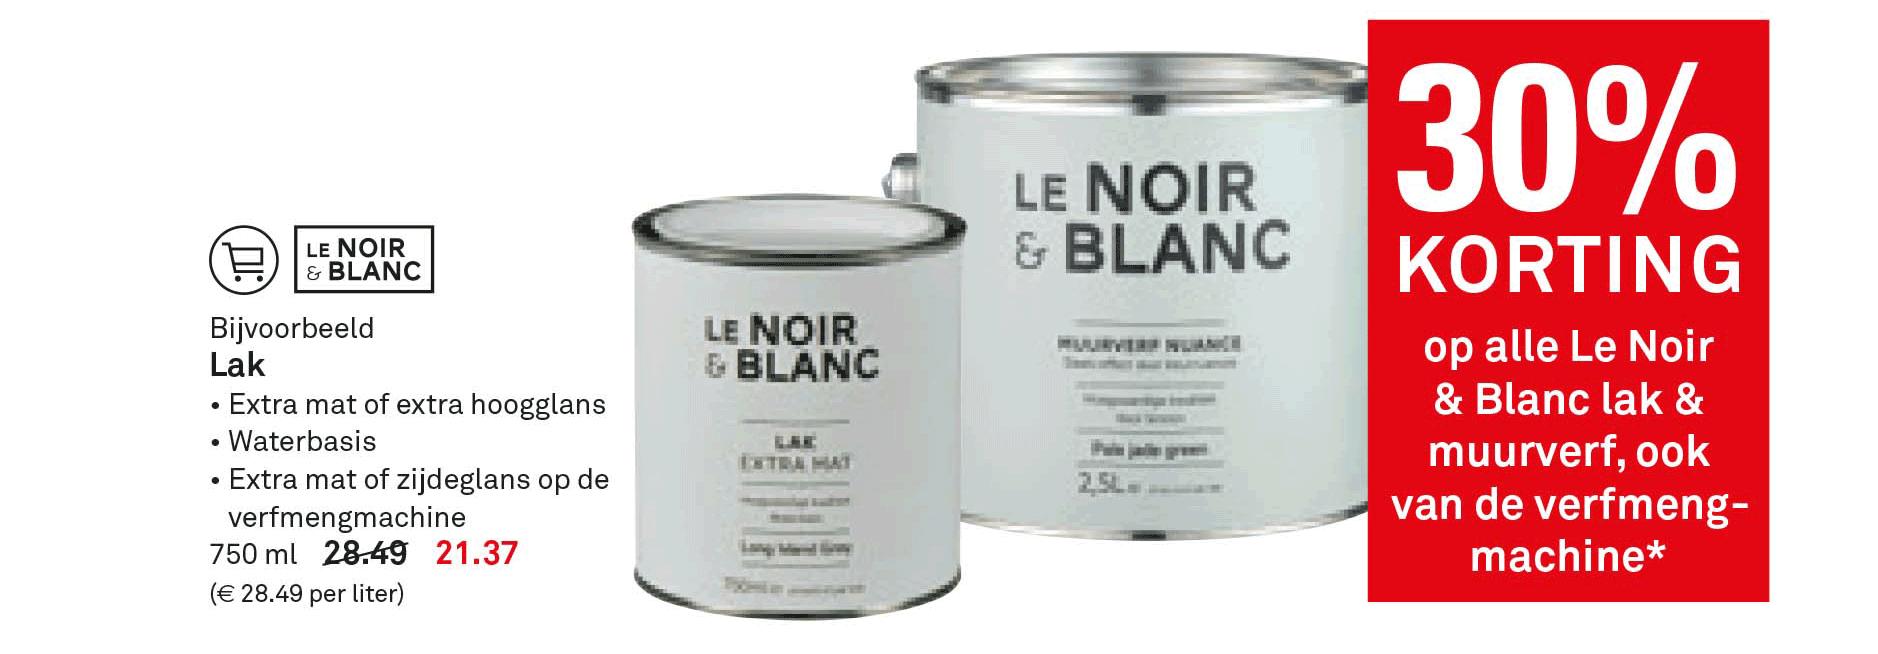 Karwei 30% Korting Op Alle Le Noir & Blanc Lak & Muurverf, Ook Van De Verfmengmachine